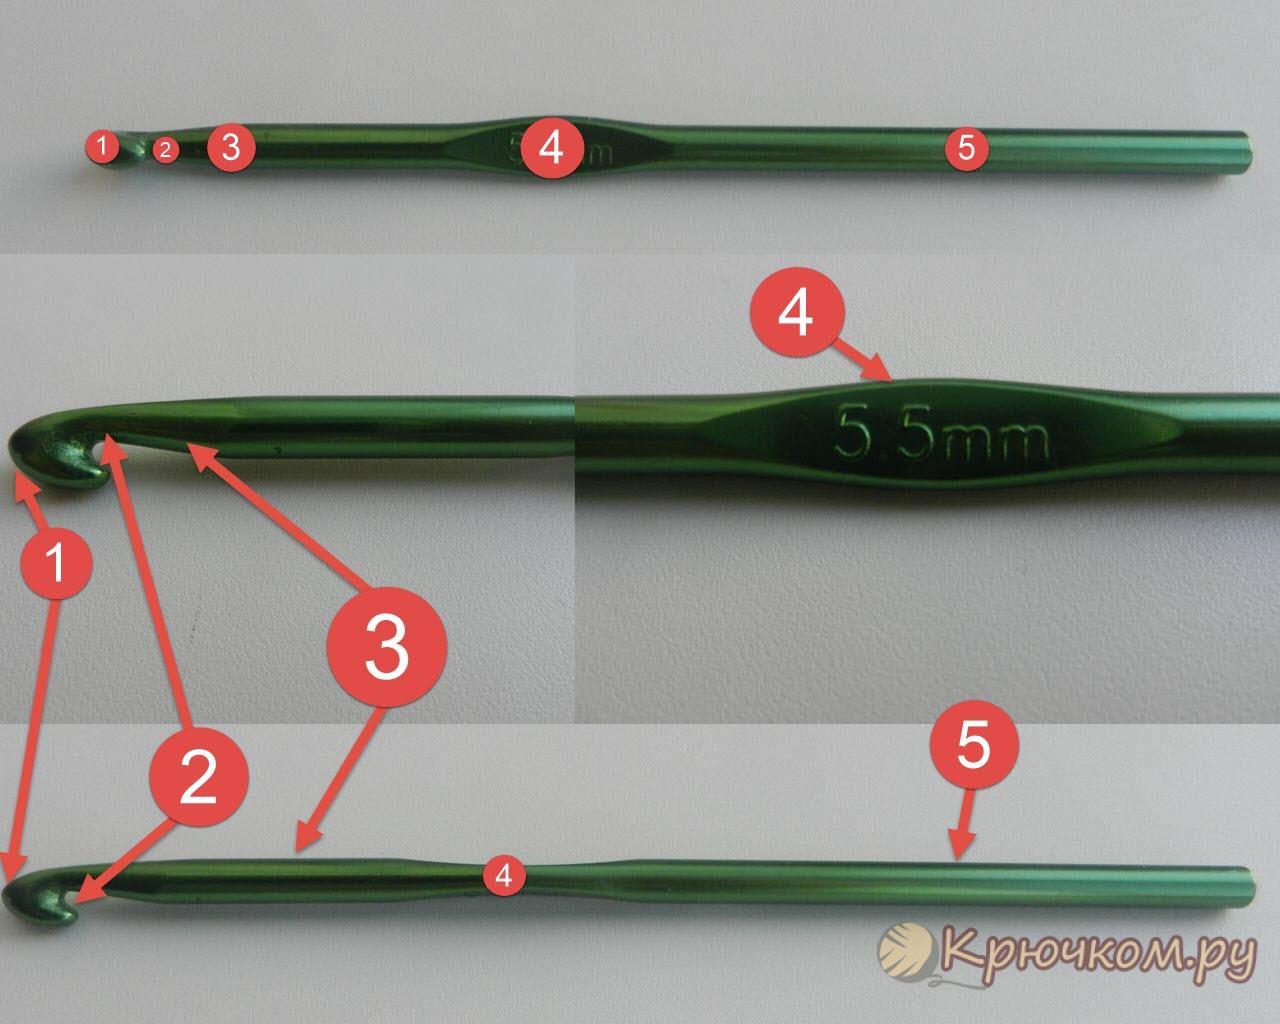 Как выбирать крючки для вязания